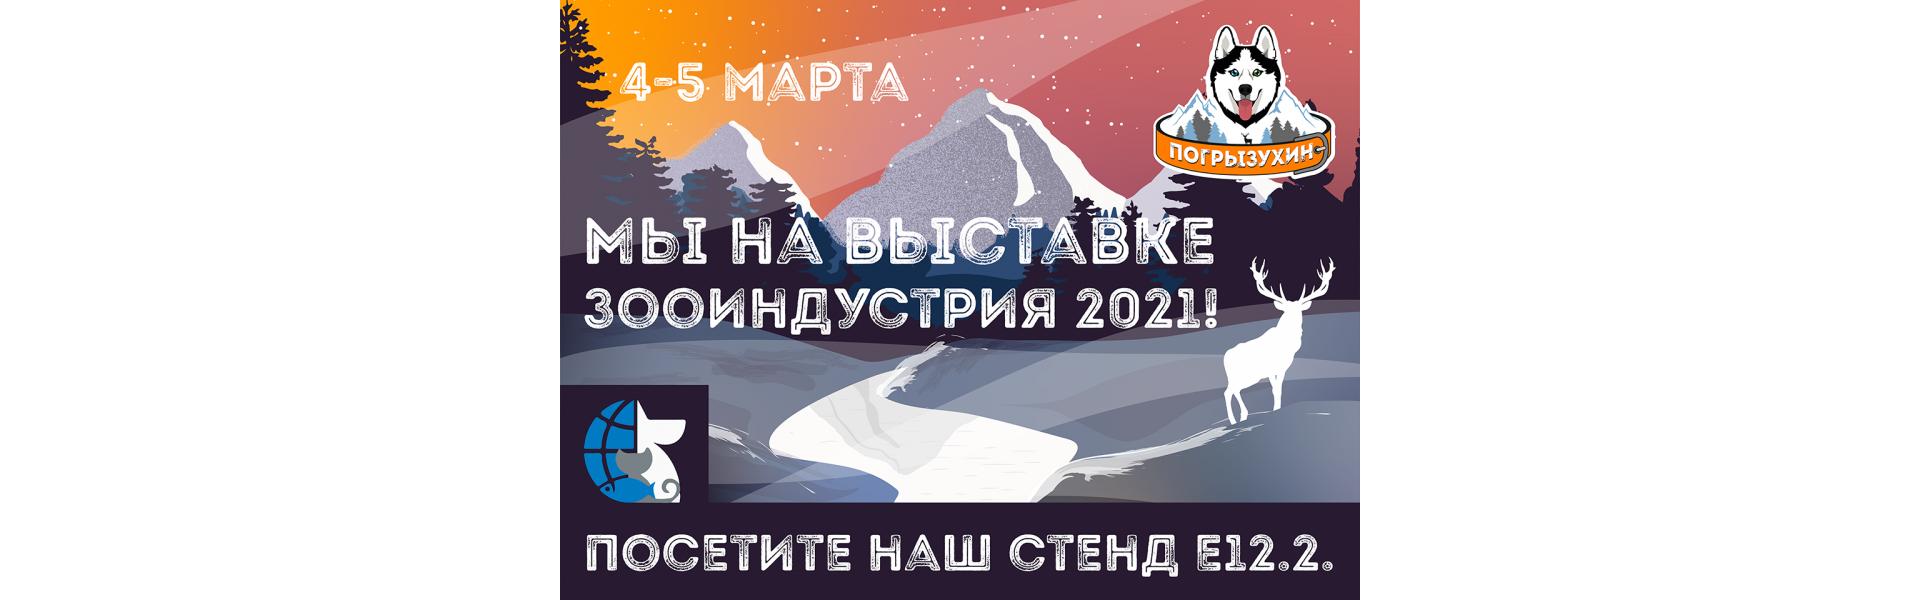 Зооиндустрия 2021